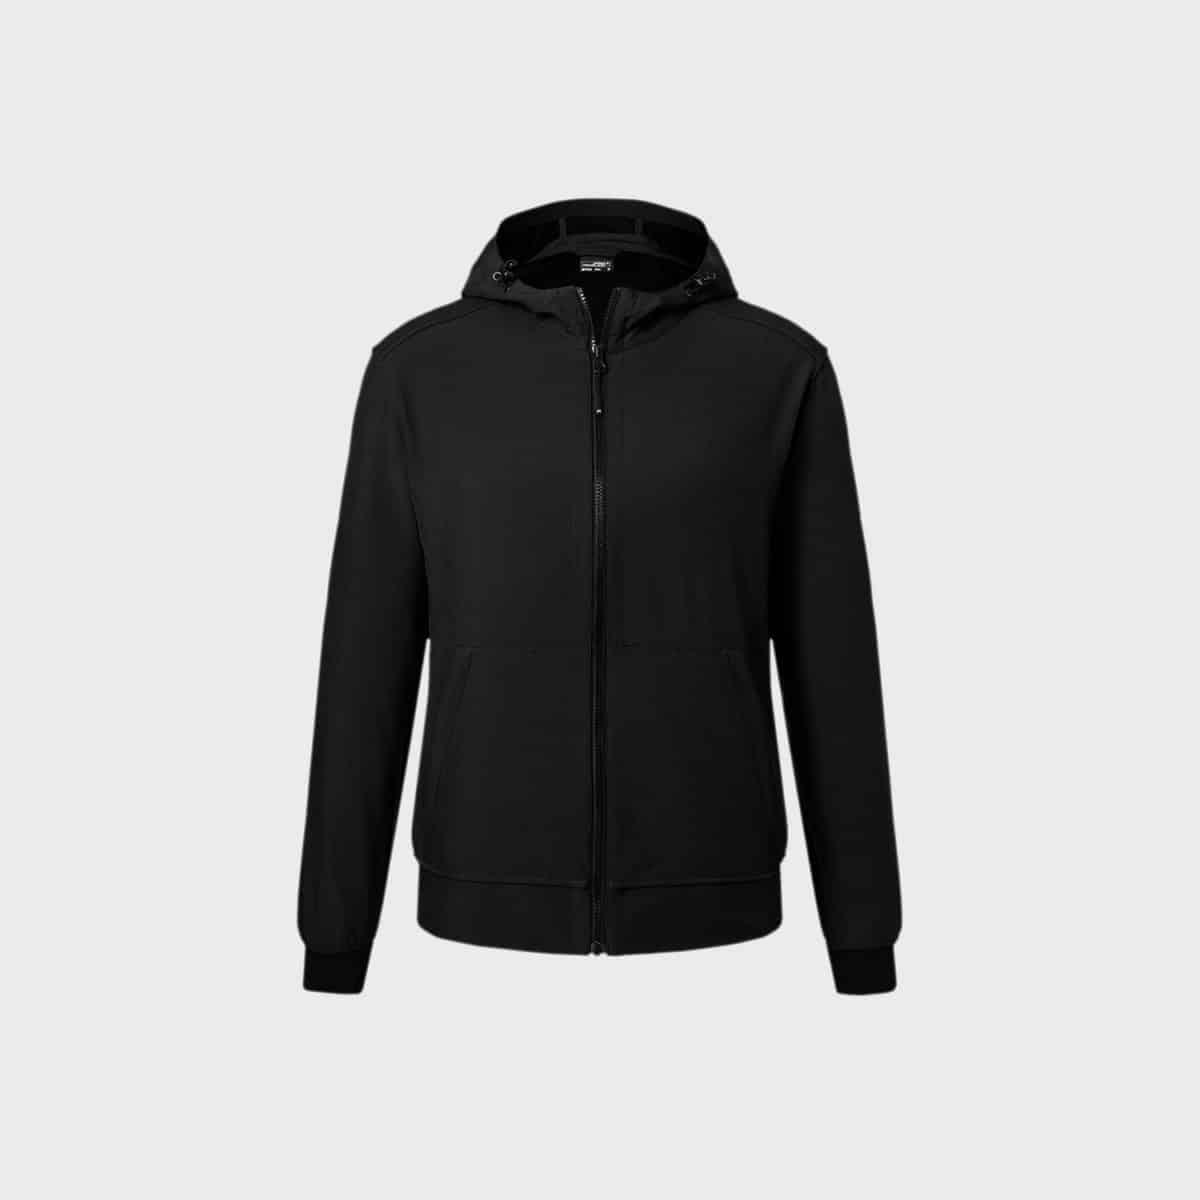 softshell-jacket-hooded-herren-black-kaufen-bedrucken_stickmanufaktur